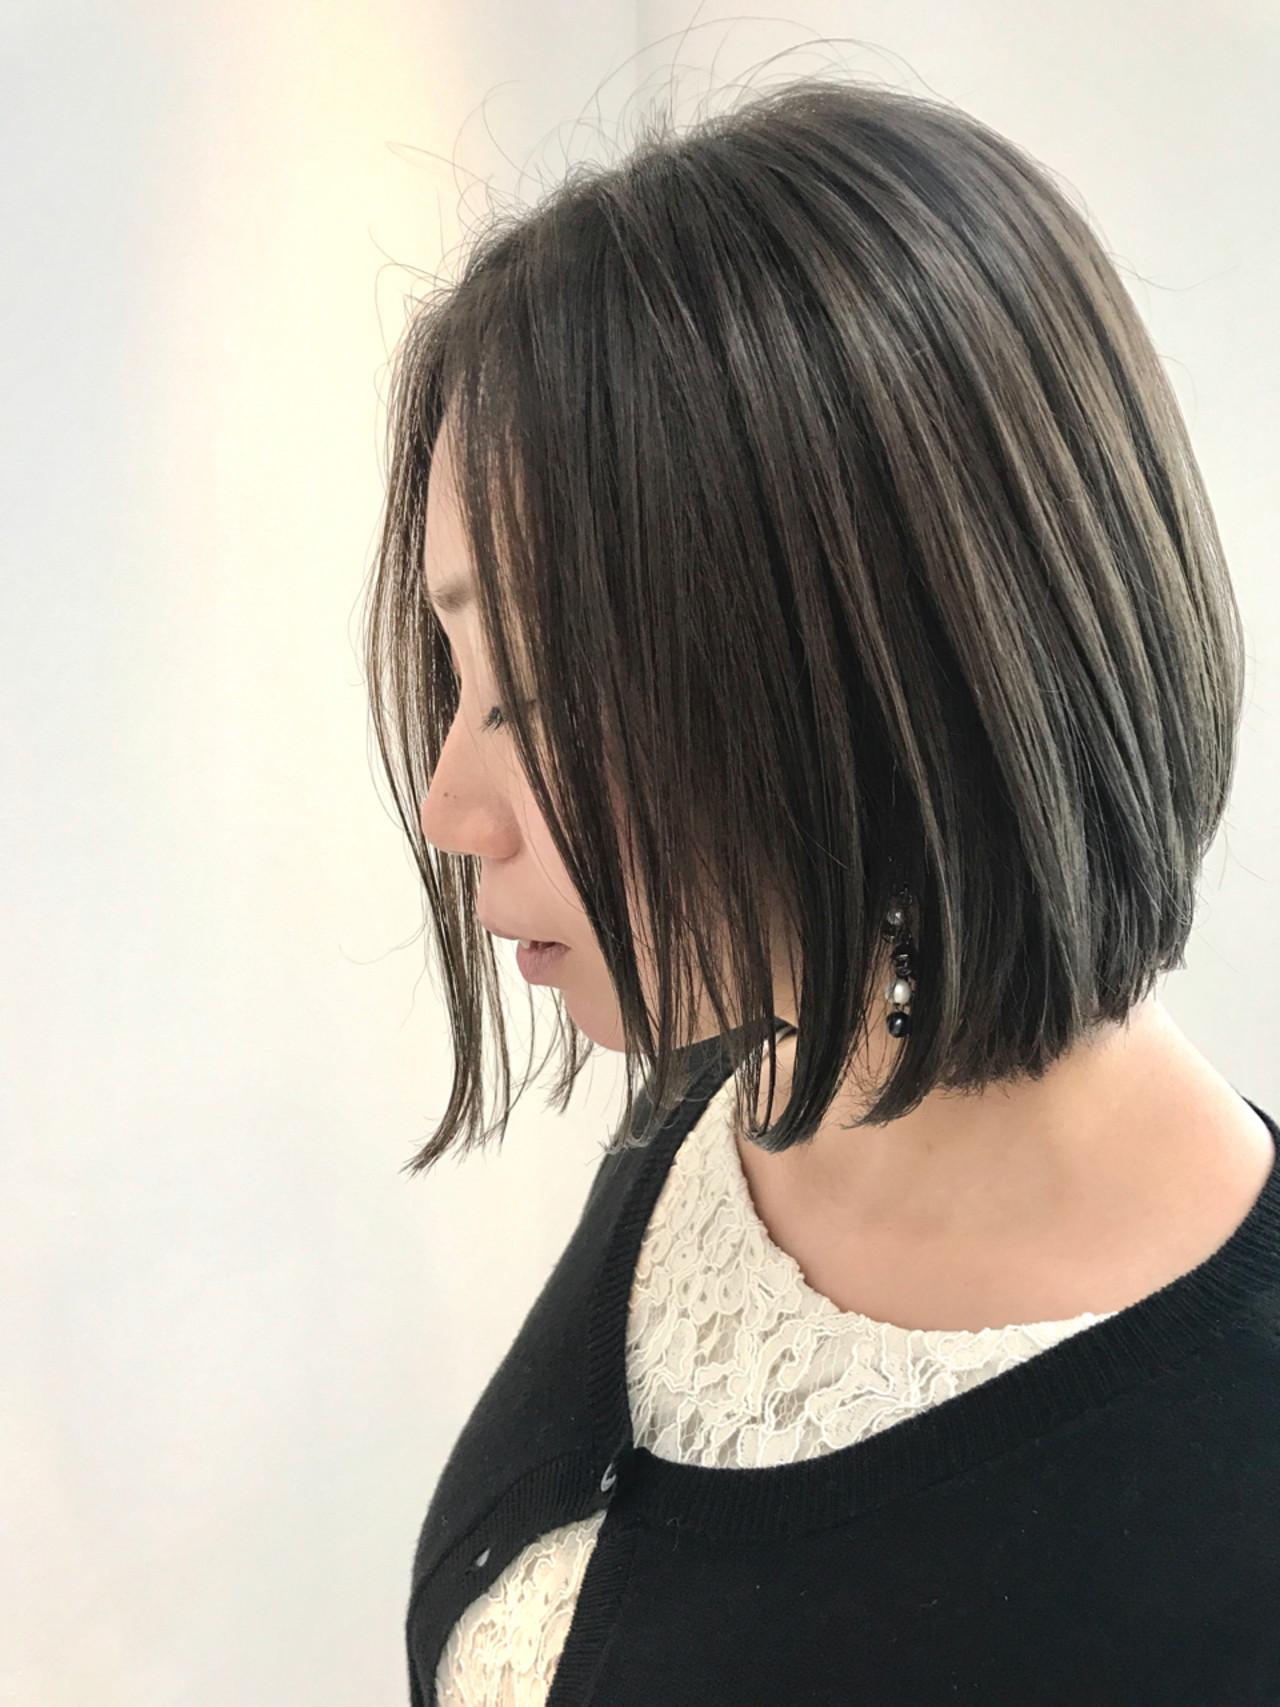 グロッシーな濡れ髪ショートも捨てられない! Tomotaka Hamaya | STILL un label